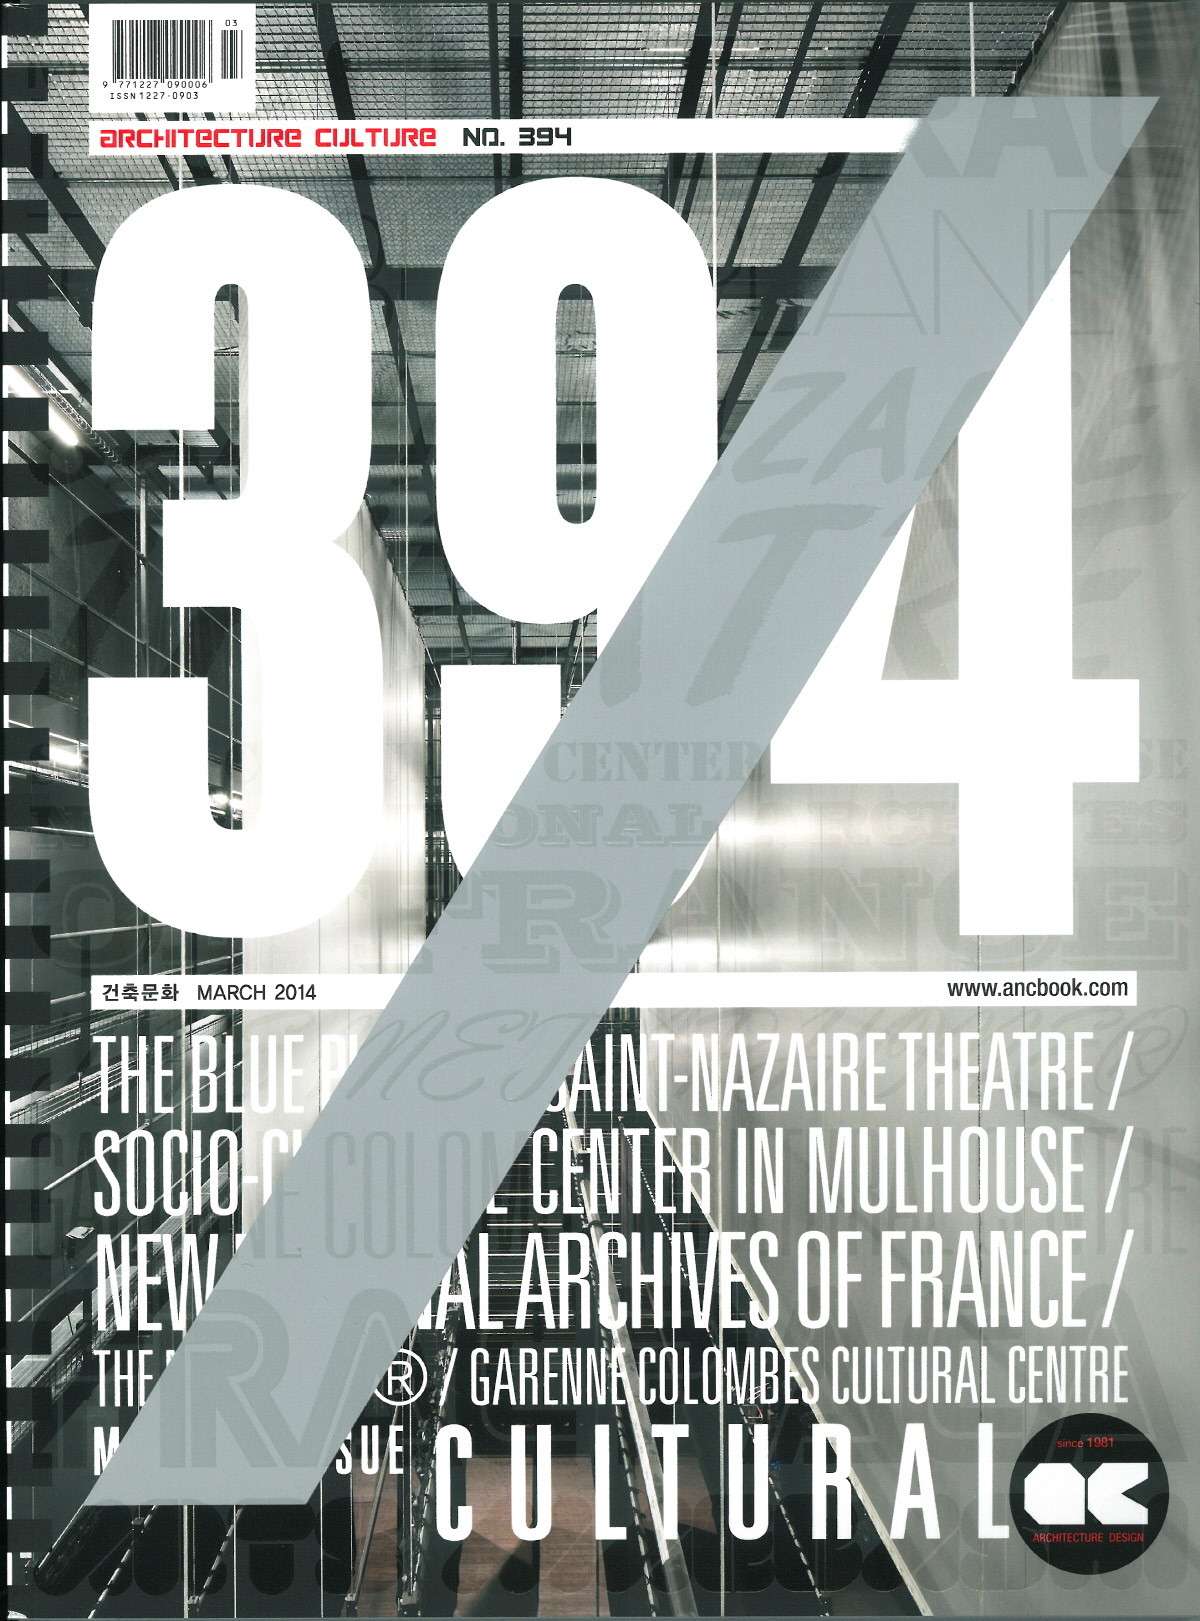 ARCHITECTURE CULTURE 394